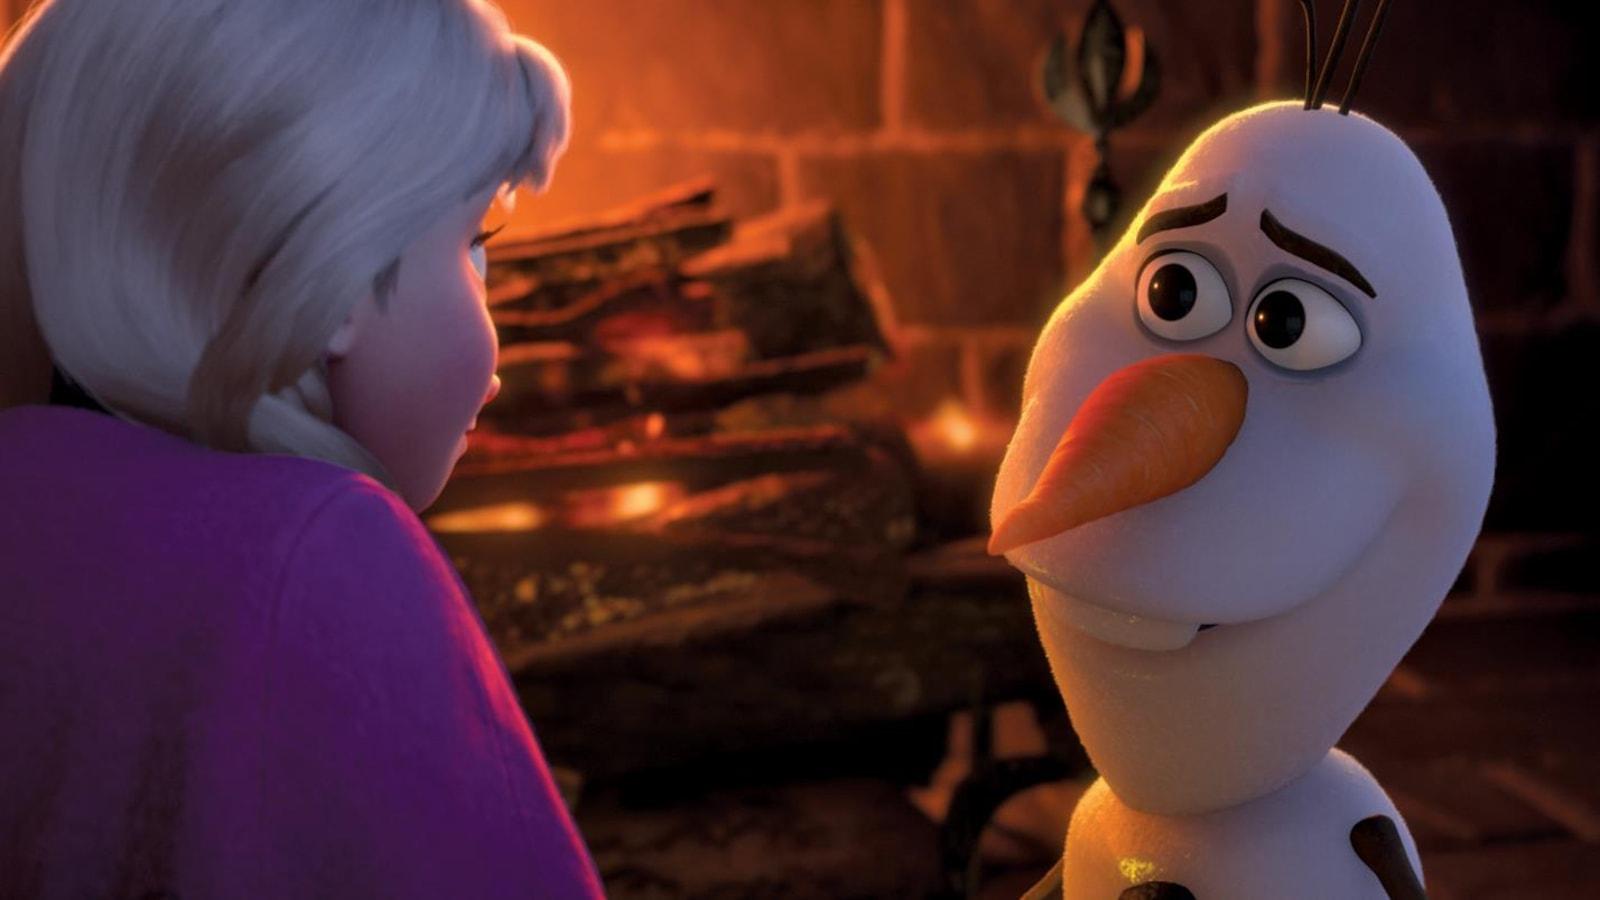 Un bonhomme de neige face à une jeune fille blonde.